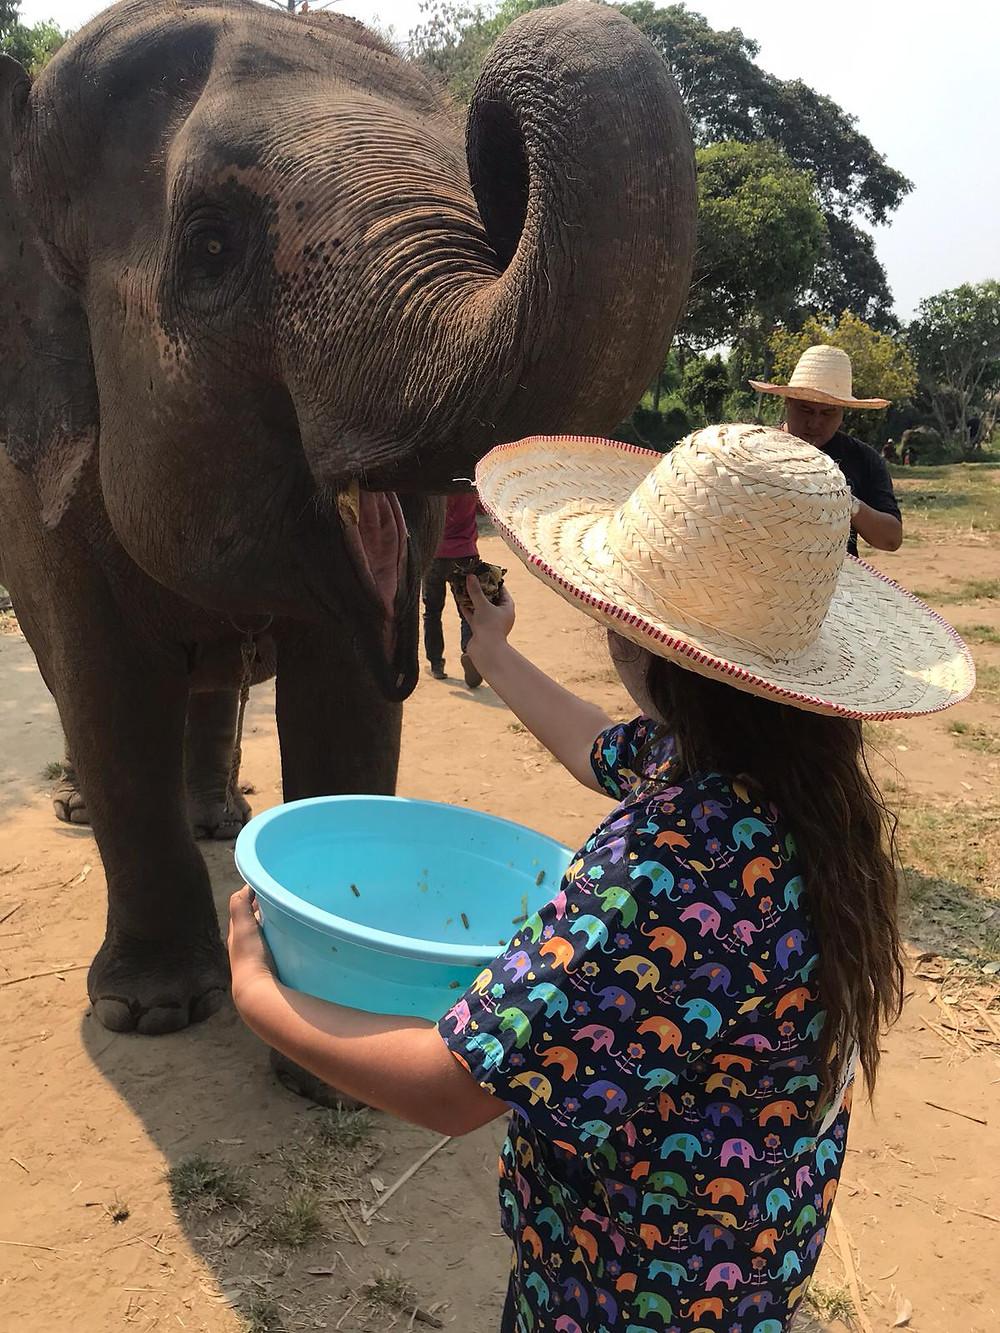 יהל מאכילה פיל בכדור ויטמינים